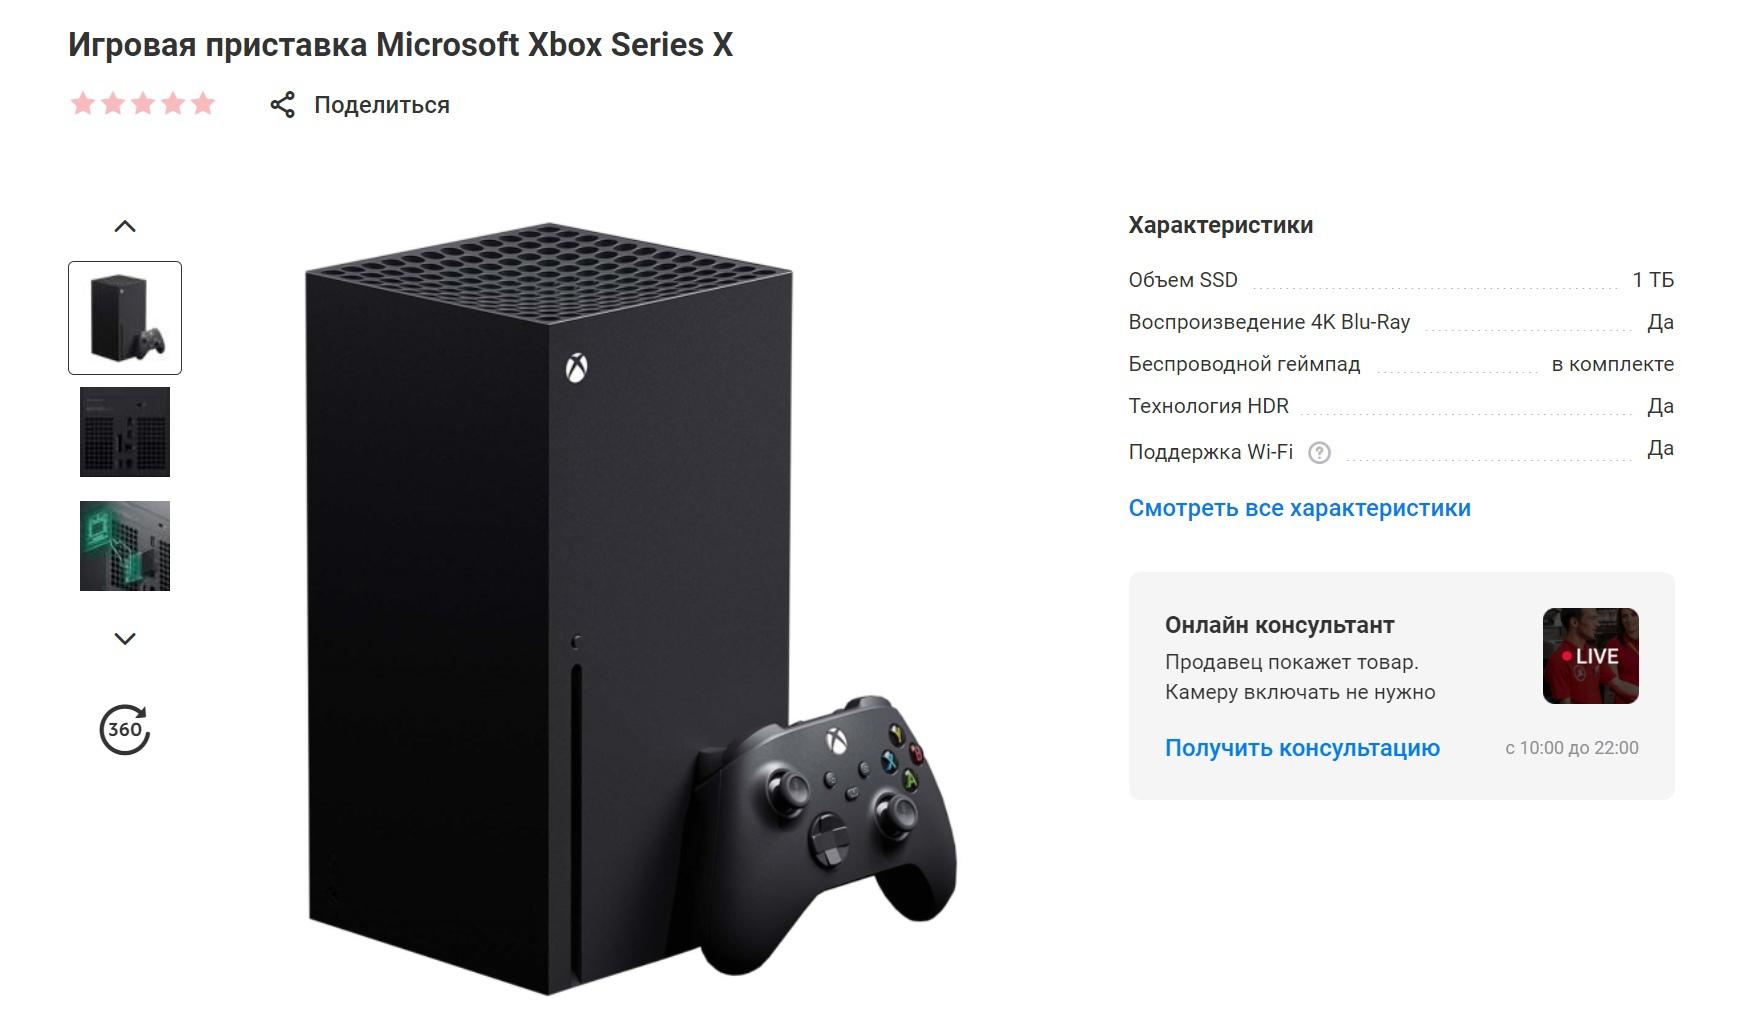 Примерно через 30 минут на сайте М.Видео появится возможность встать на очередь на следующую партию Xbox Series X